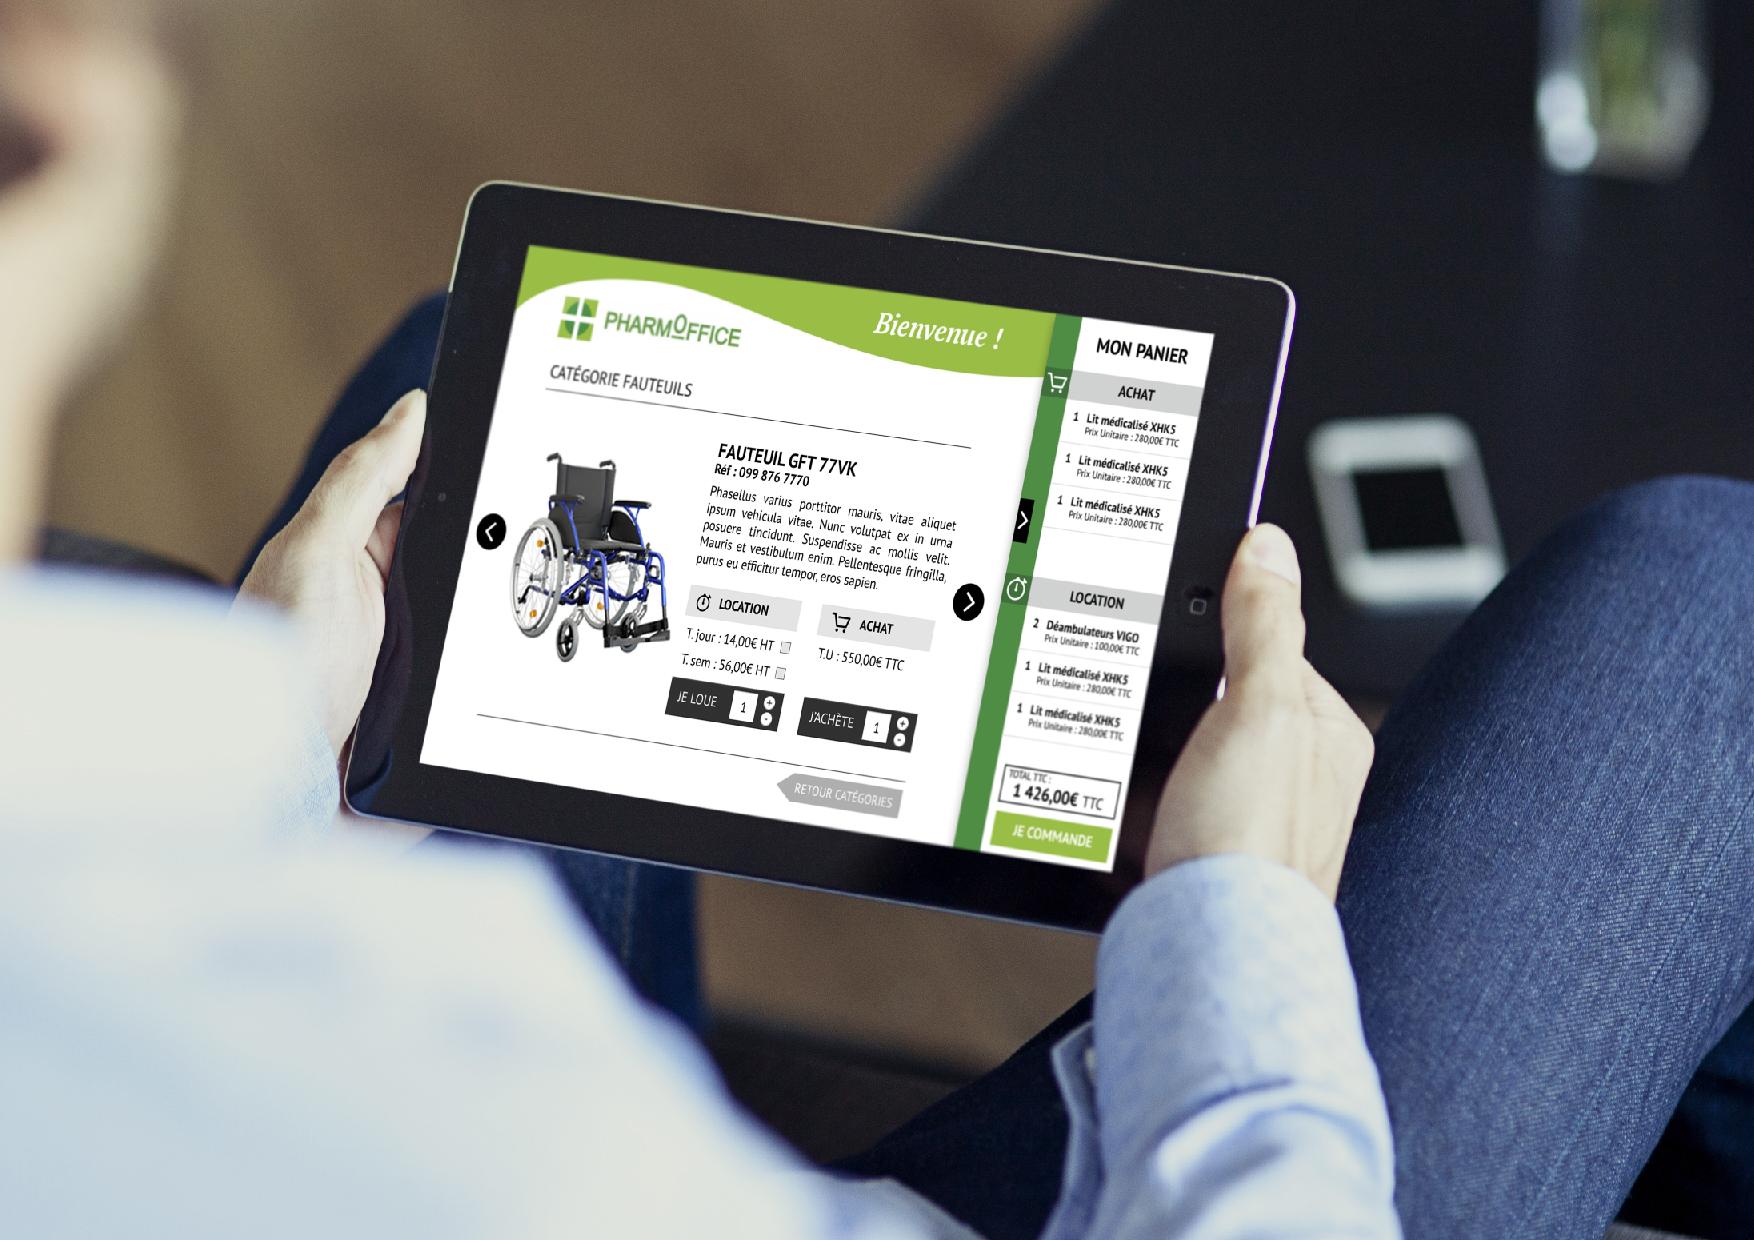 Rapid Système m'a confié la réalisation du design pour l'application tablette de PHARMOFFICE